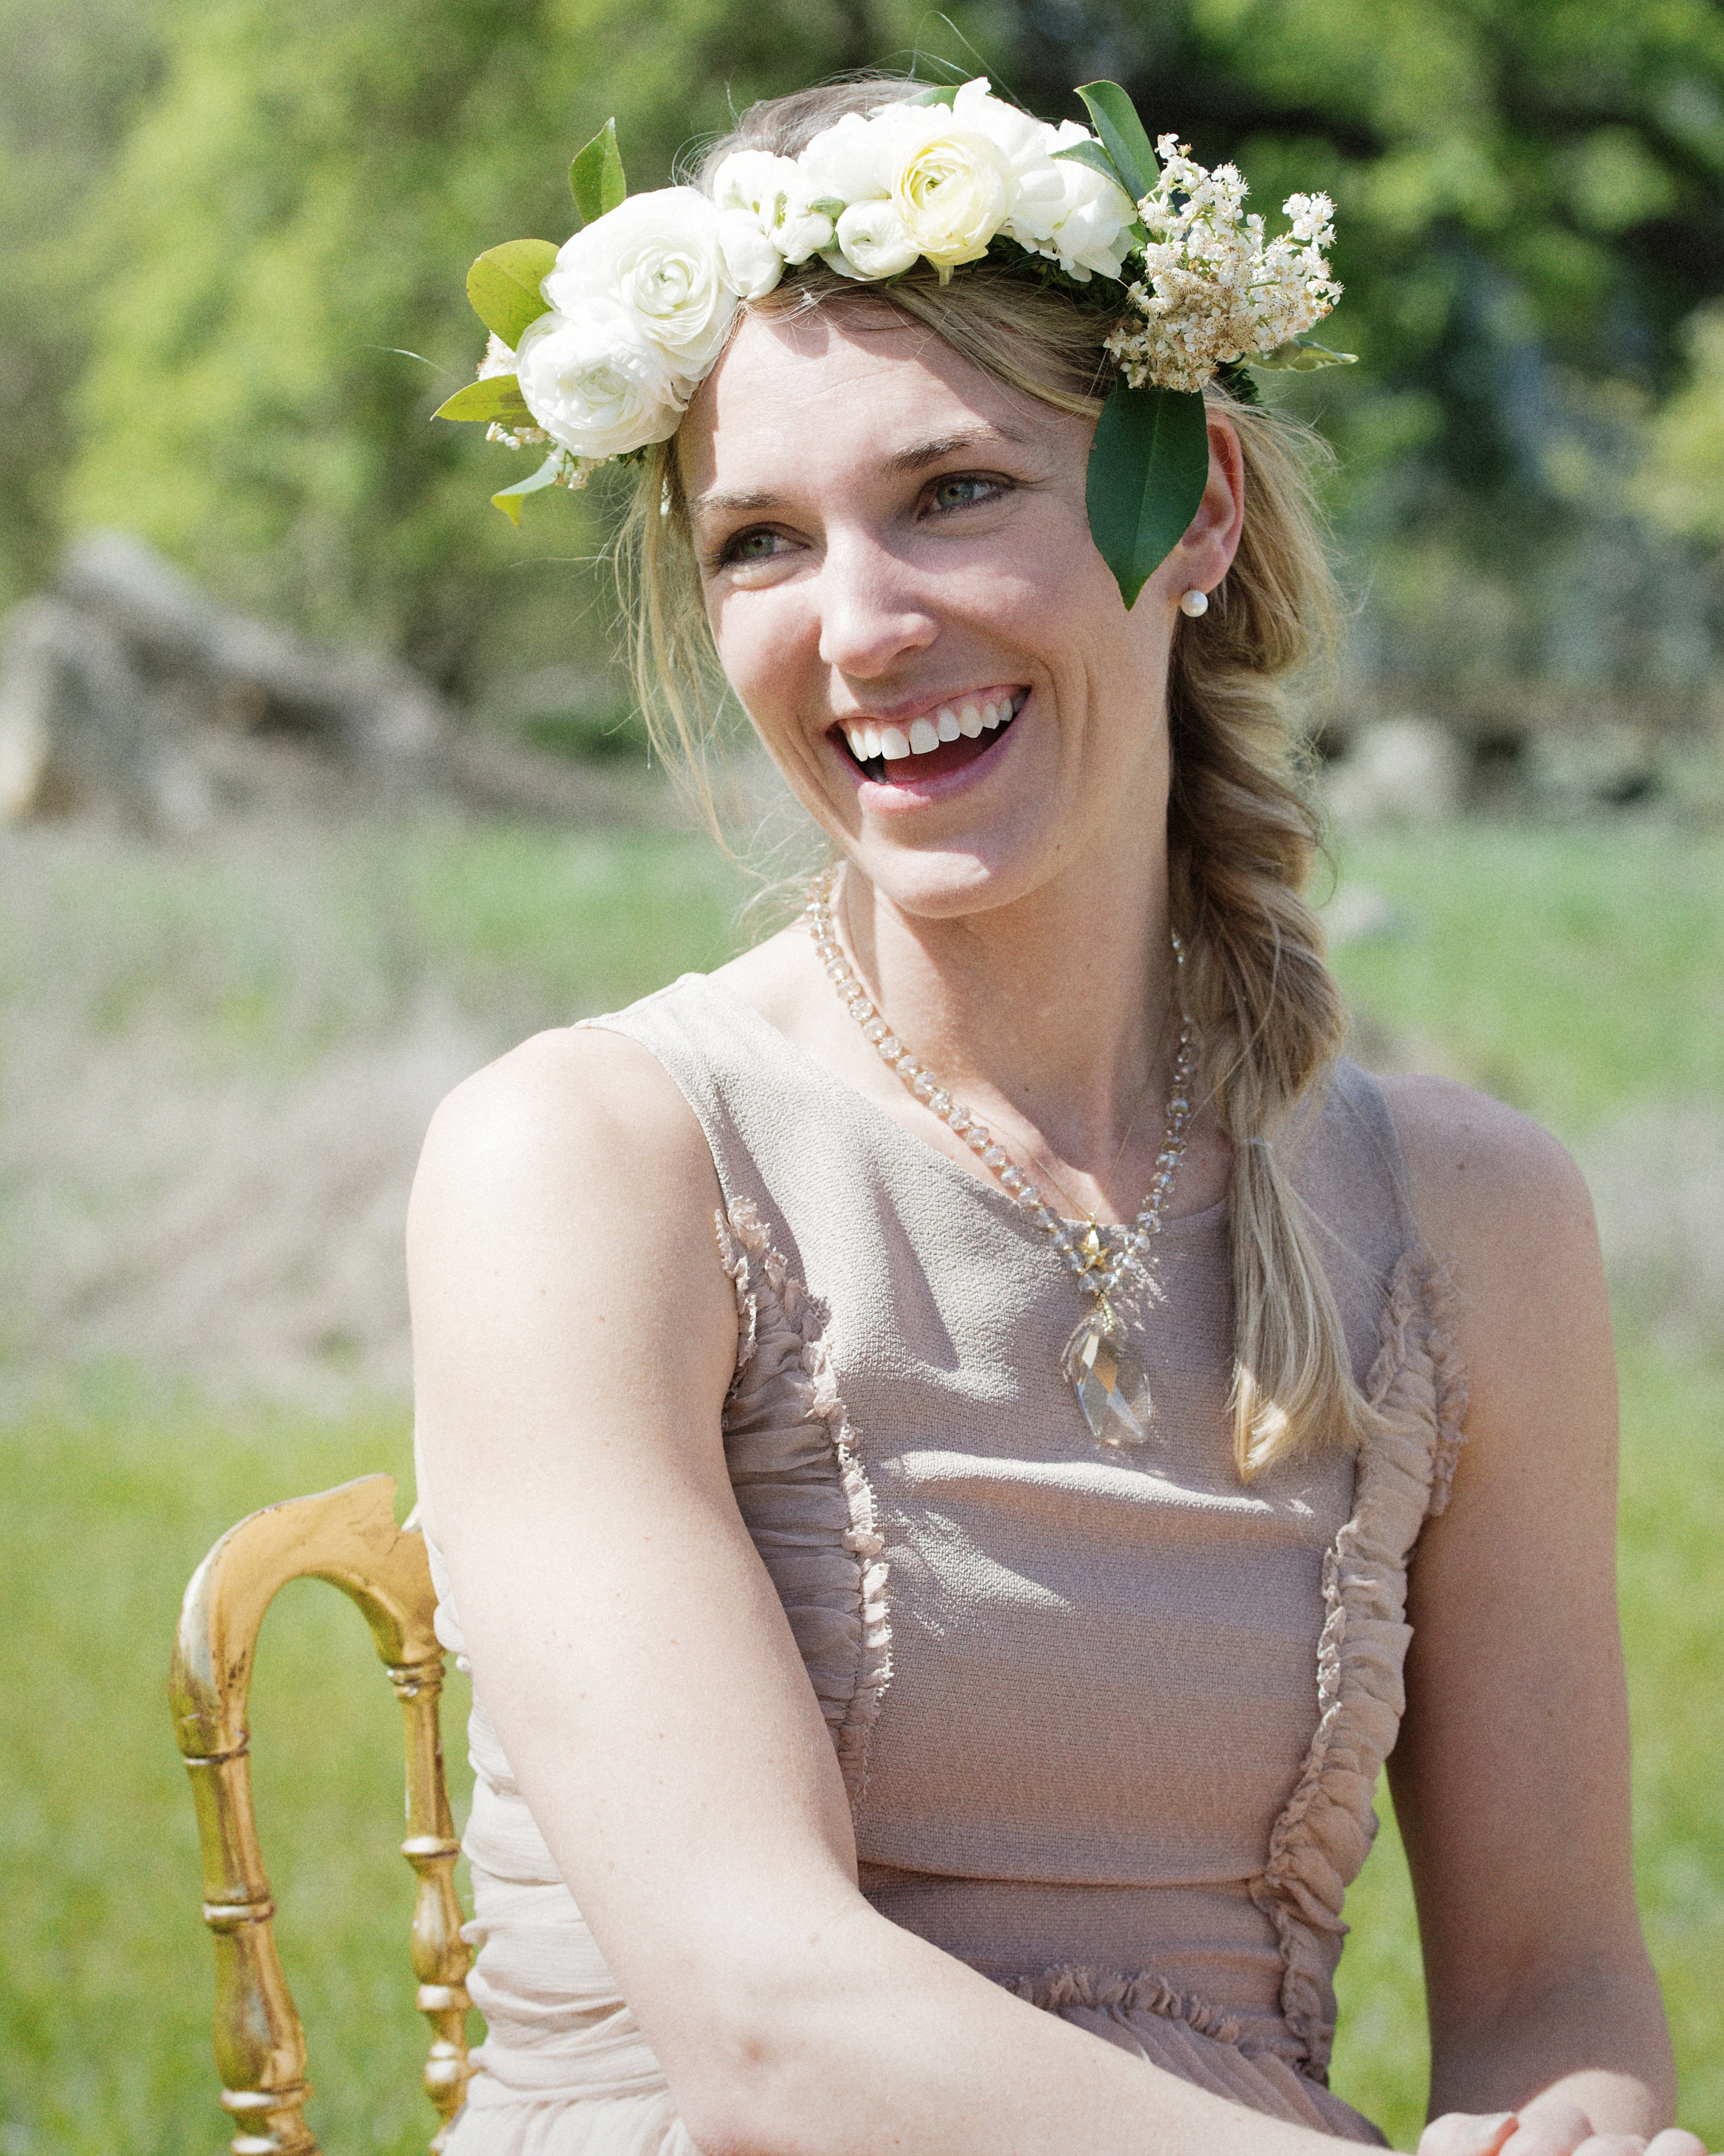 scavenger-hunt-bridal-shower-bride-floral-head-wreath-0315.jpg